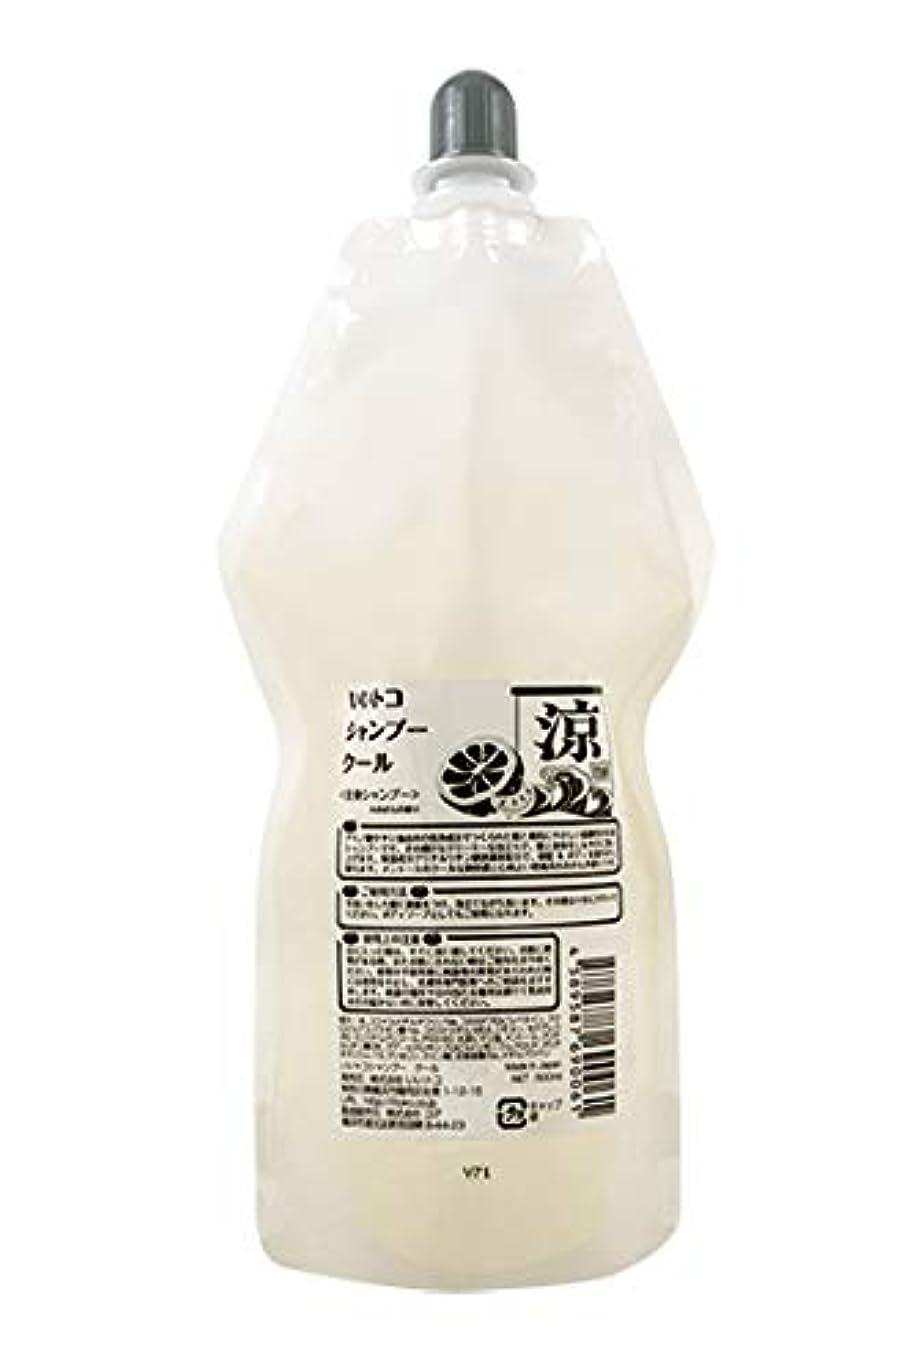 ディスカウント最少結晶フレッシュな『みかん(リモネン高配合)』の香りが心地良い弱酸性全身シャンプー メントールのクールな爽快感 春夏用 いいトコシャンプークール 500ml詰替用